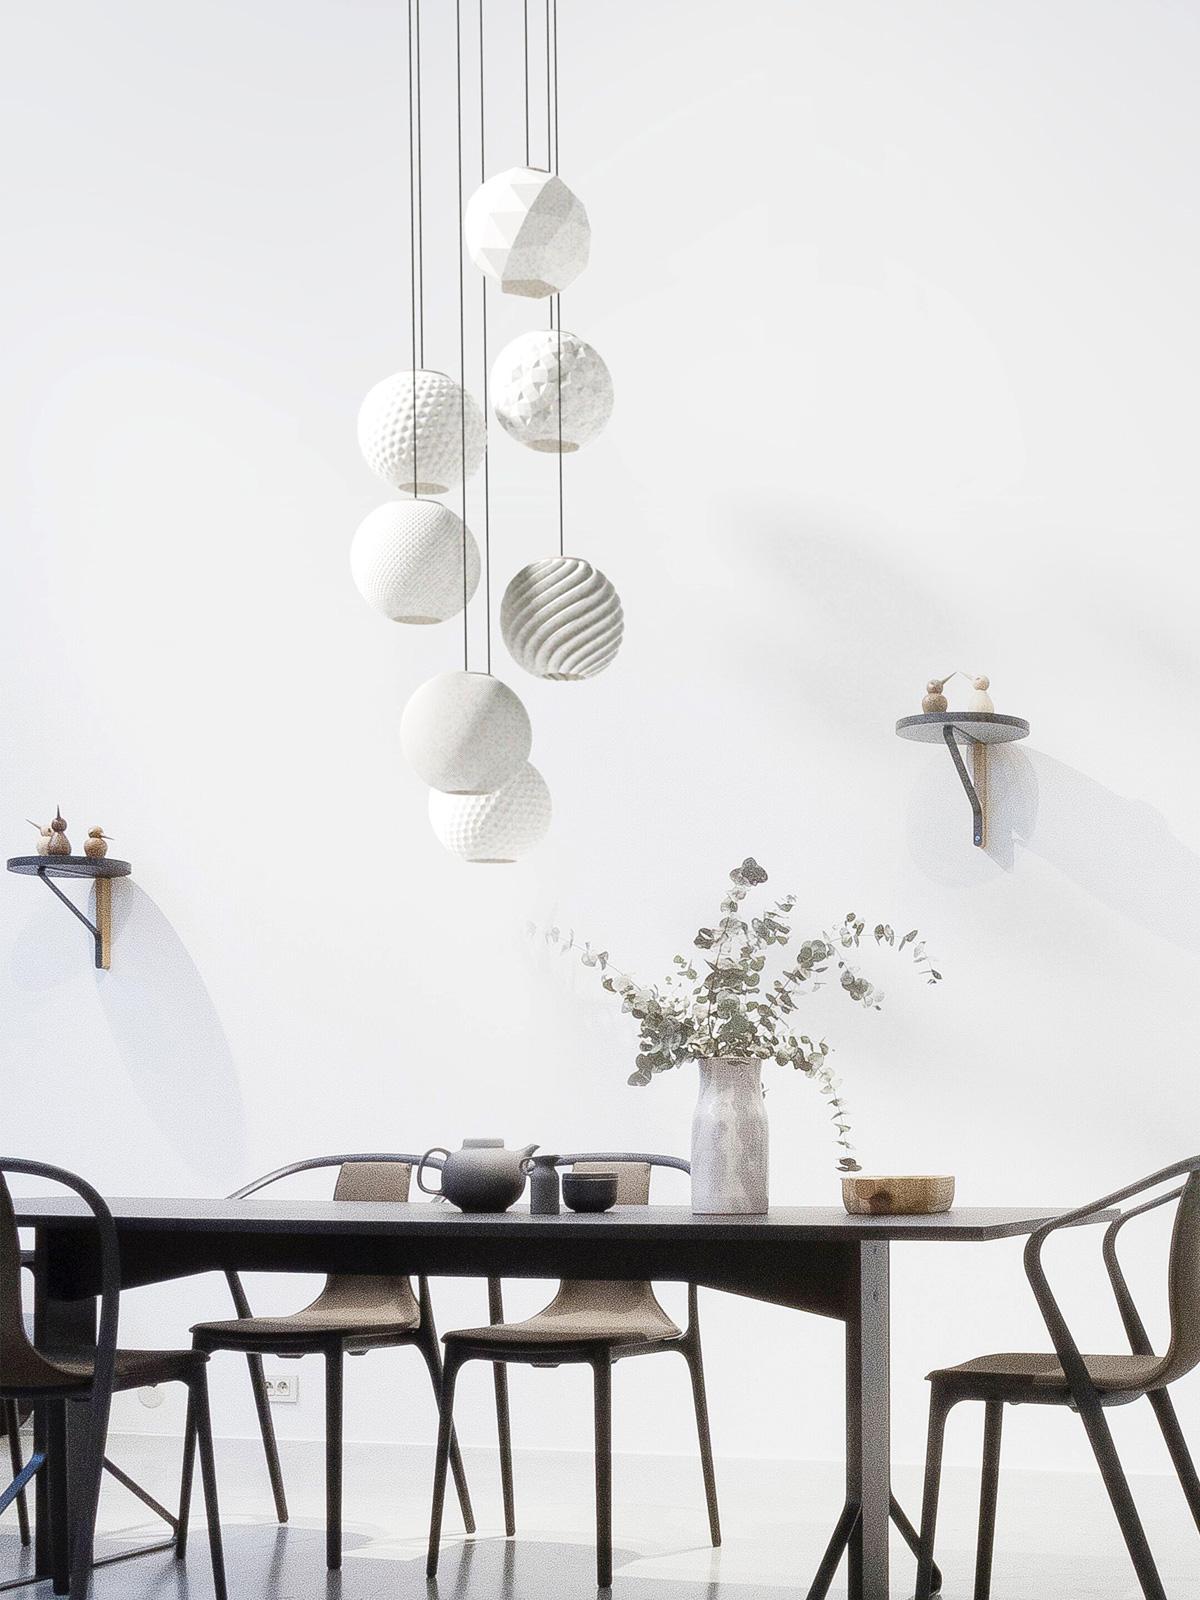 Polyluma Random 7 Pendelleuchte nachhaltig Design Berlin DesignOrt Onlineshop Lampenladen